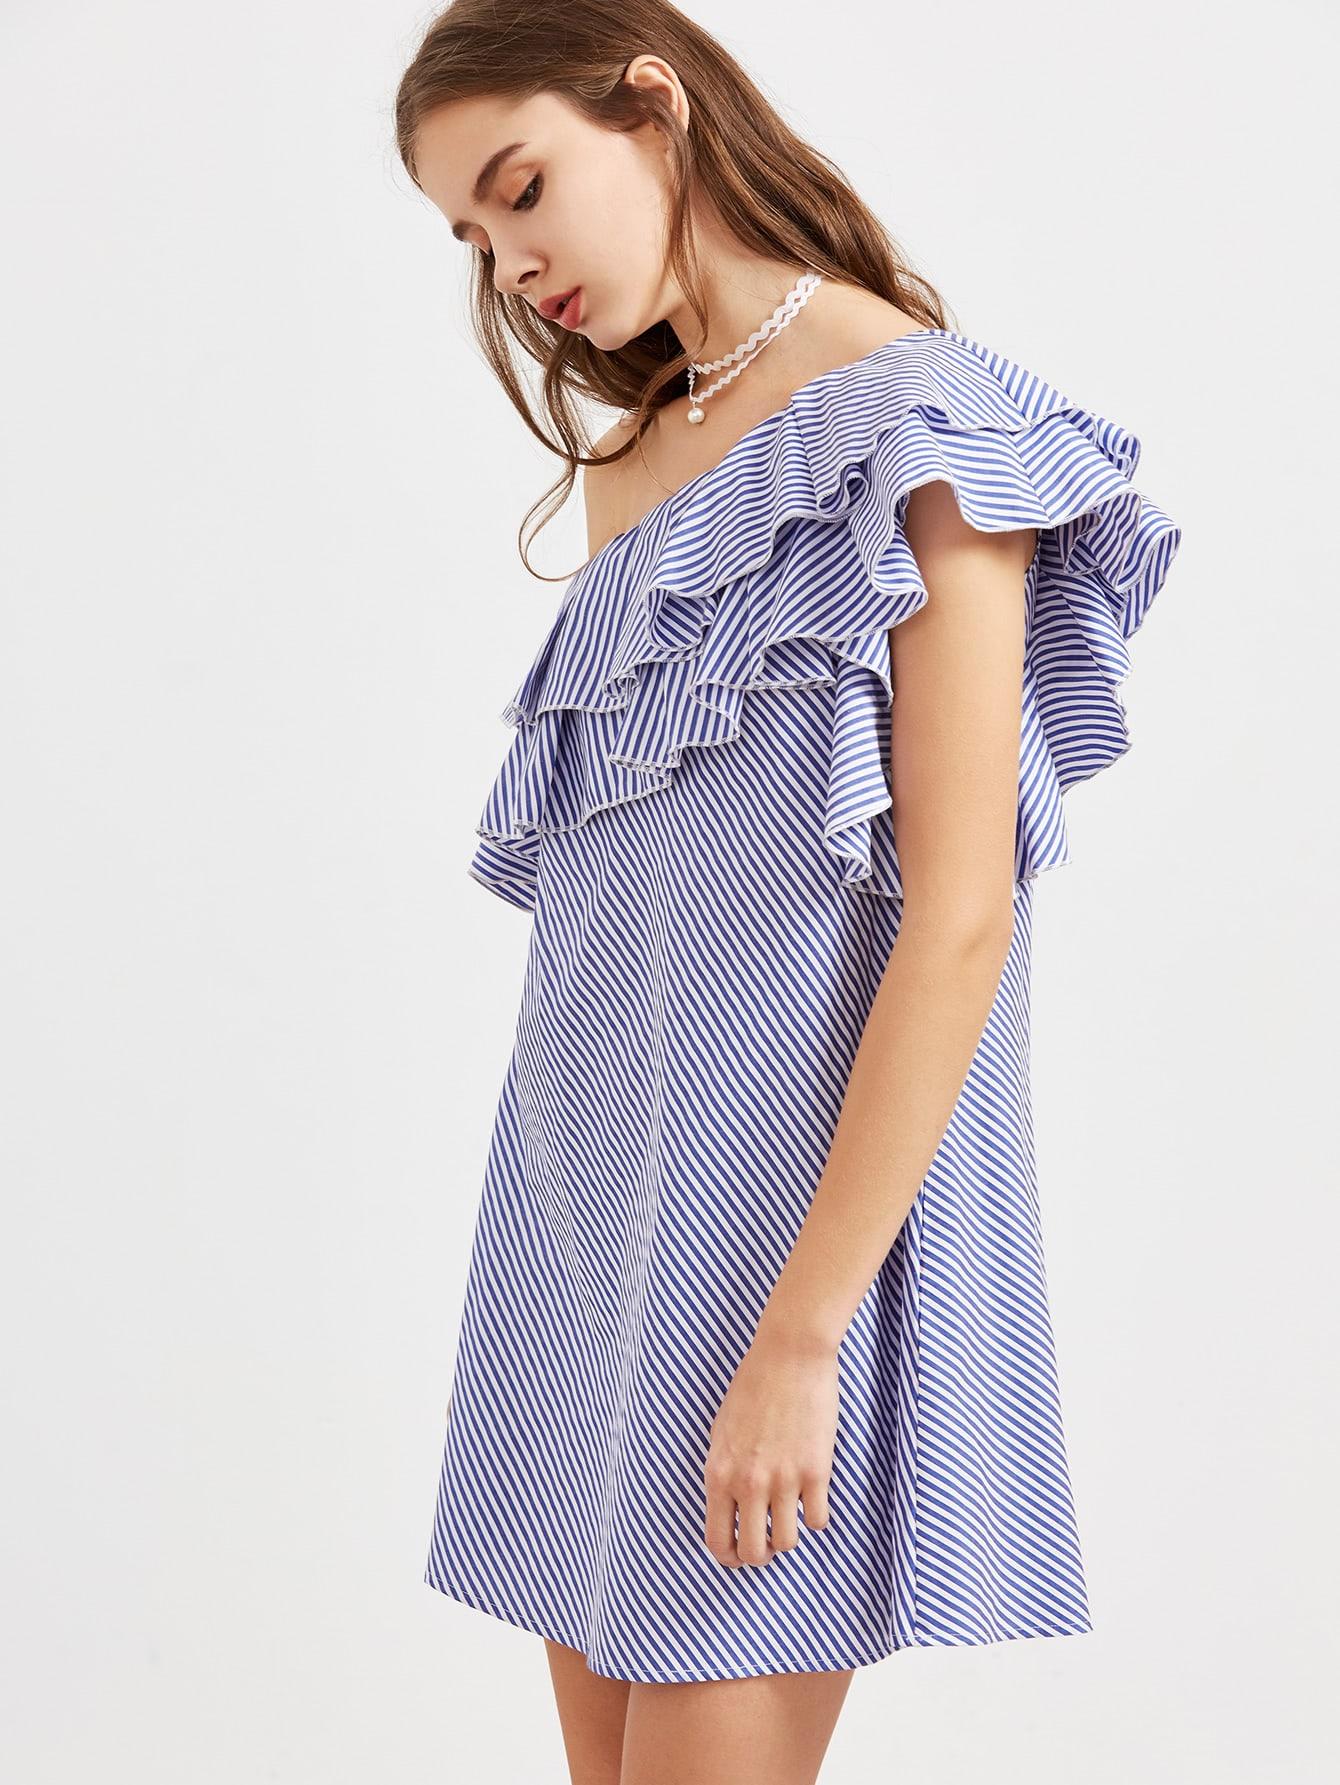 dress170213706_2